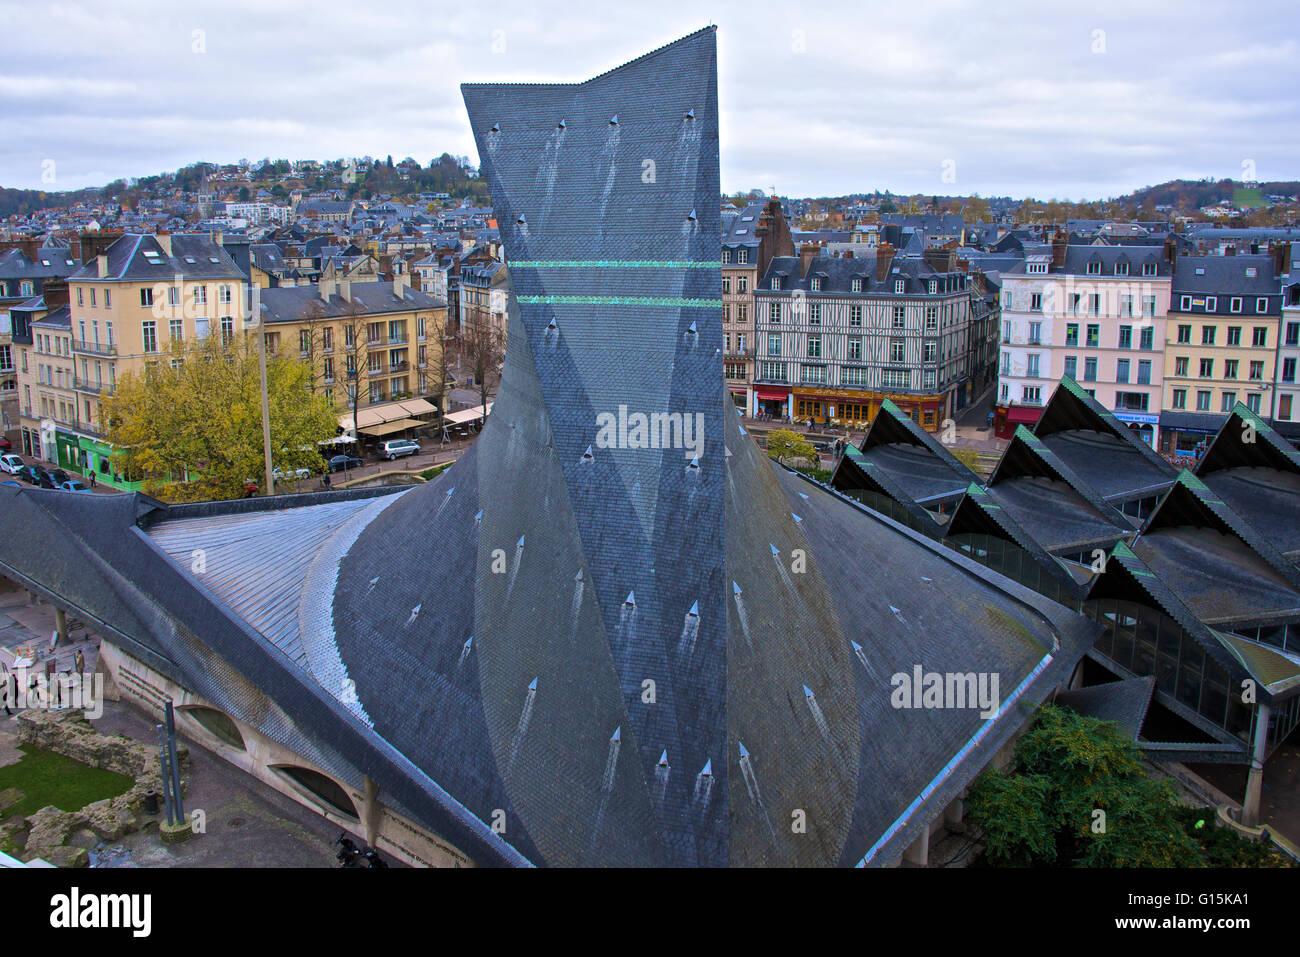 Toit de l'église Jeanne d'Arc, et l'ancien marché, Rouen, Normandie, France, Europe Photo Stock